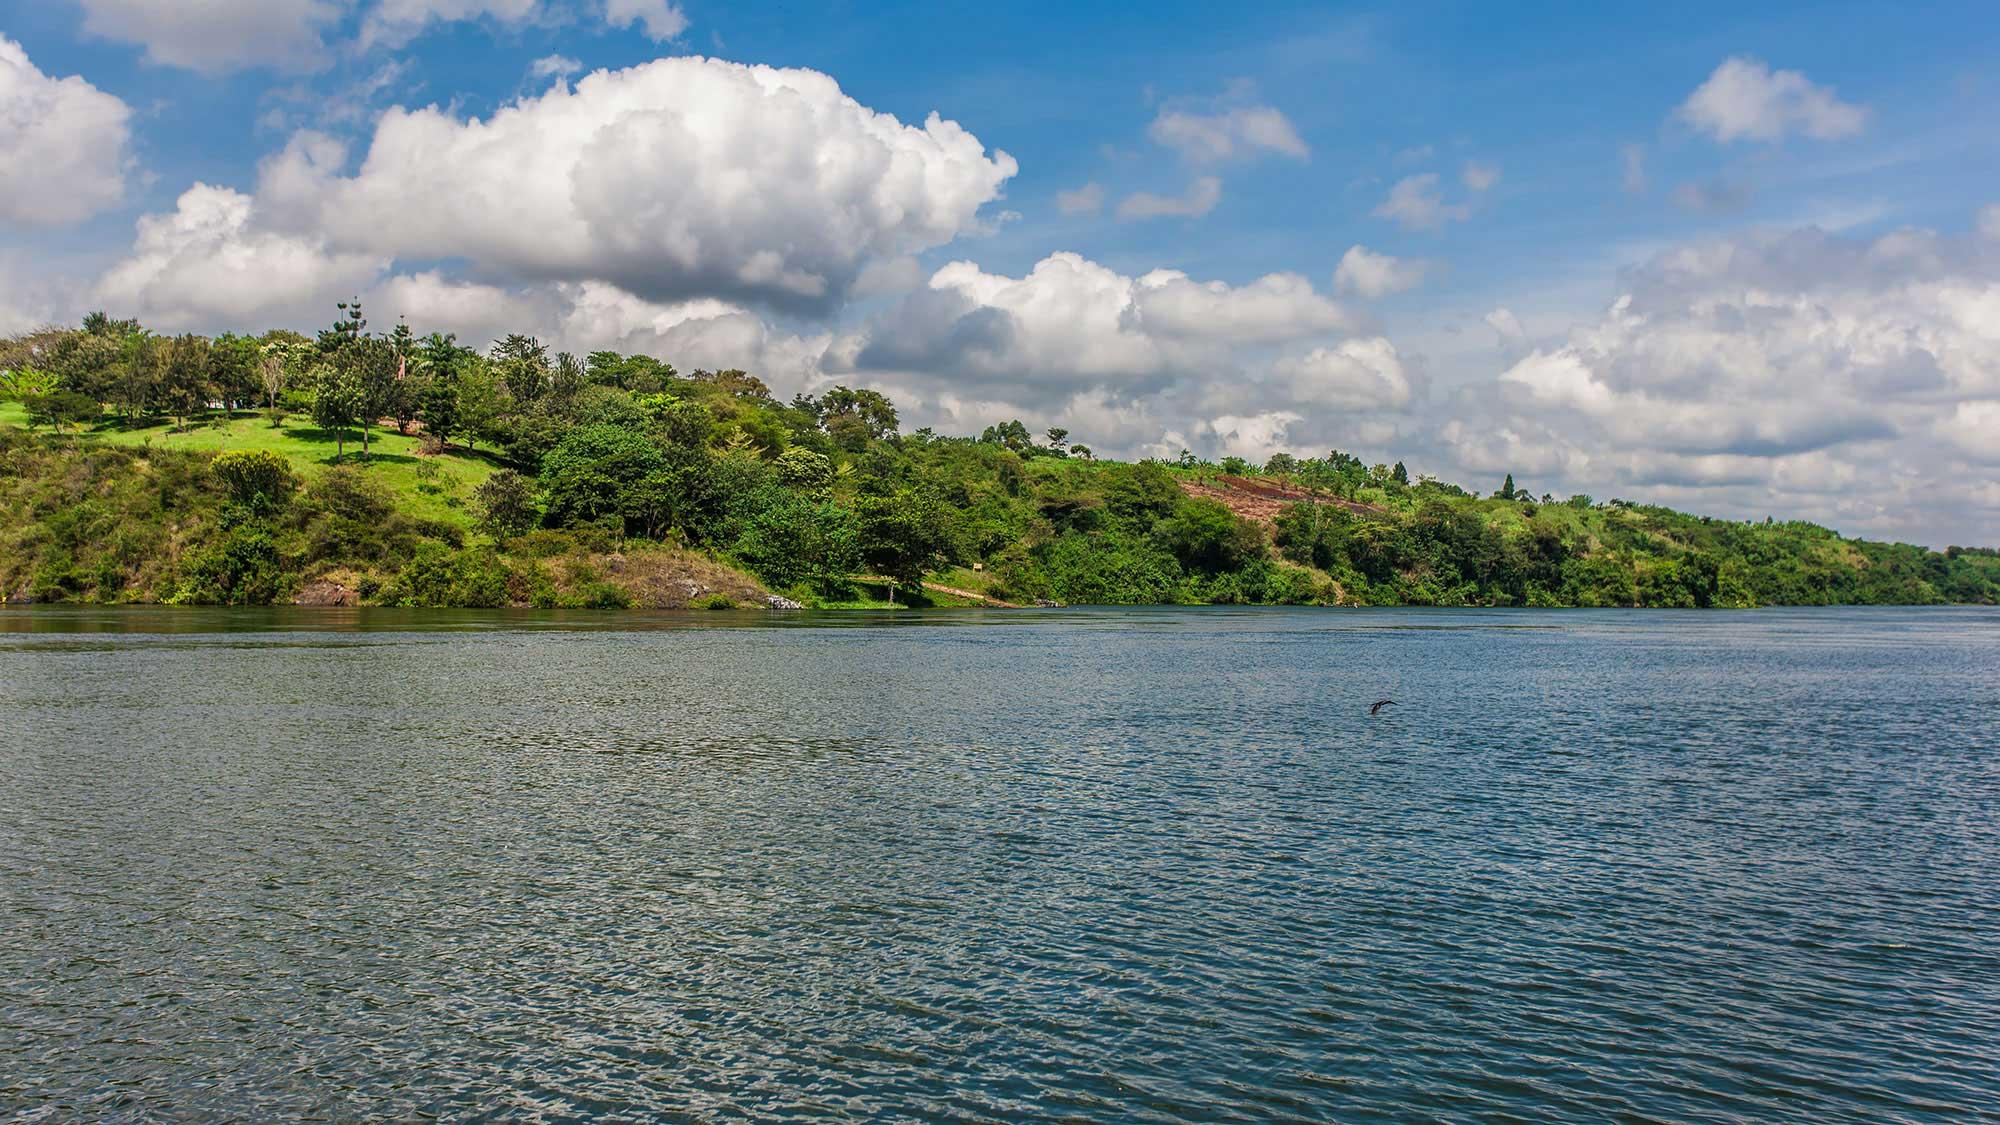 Le Nil quittant le Lac Victoria à Jinja en Ouganda